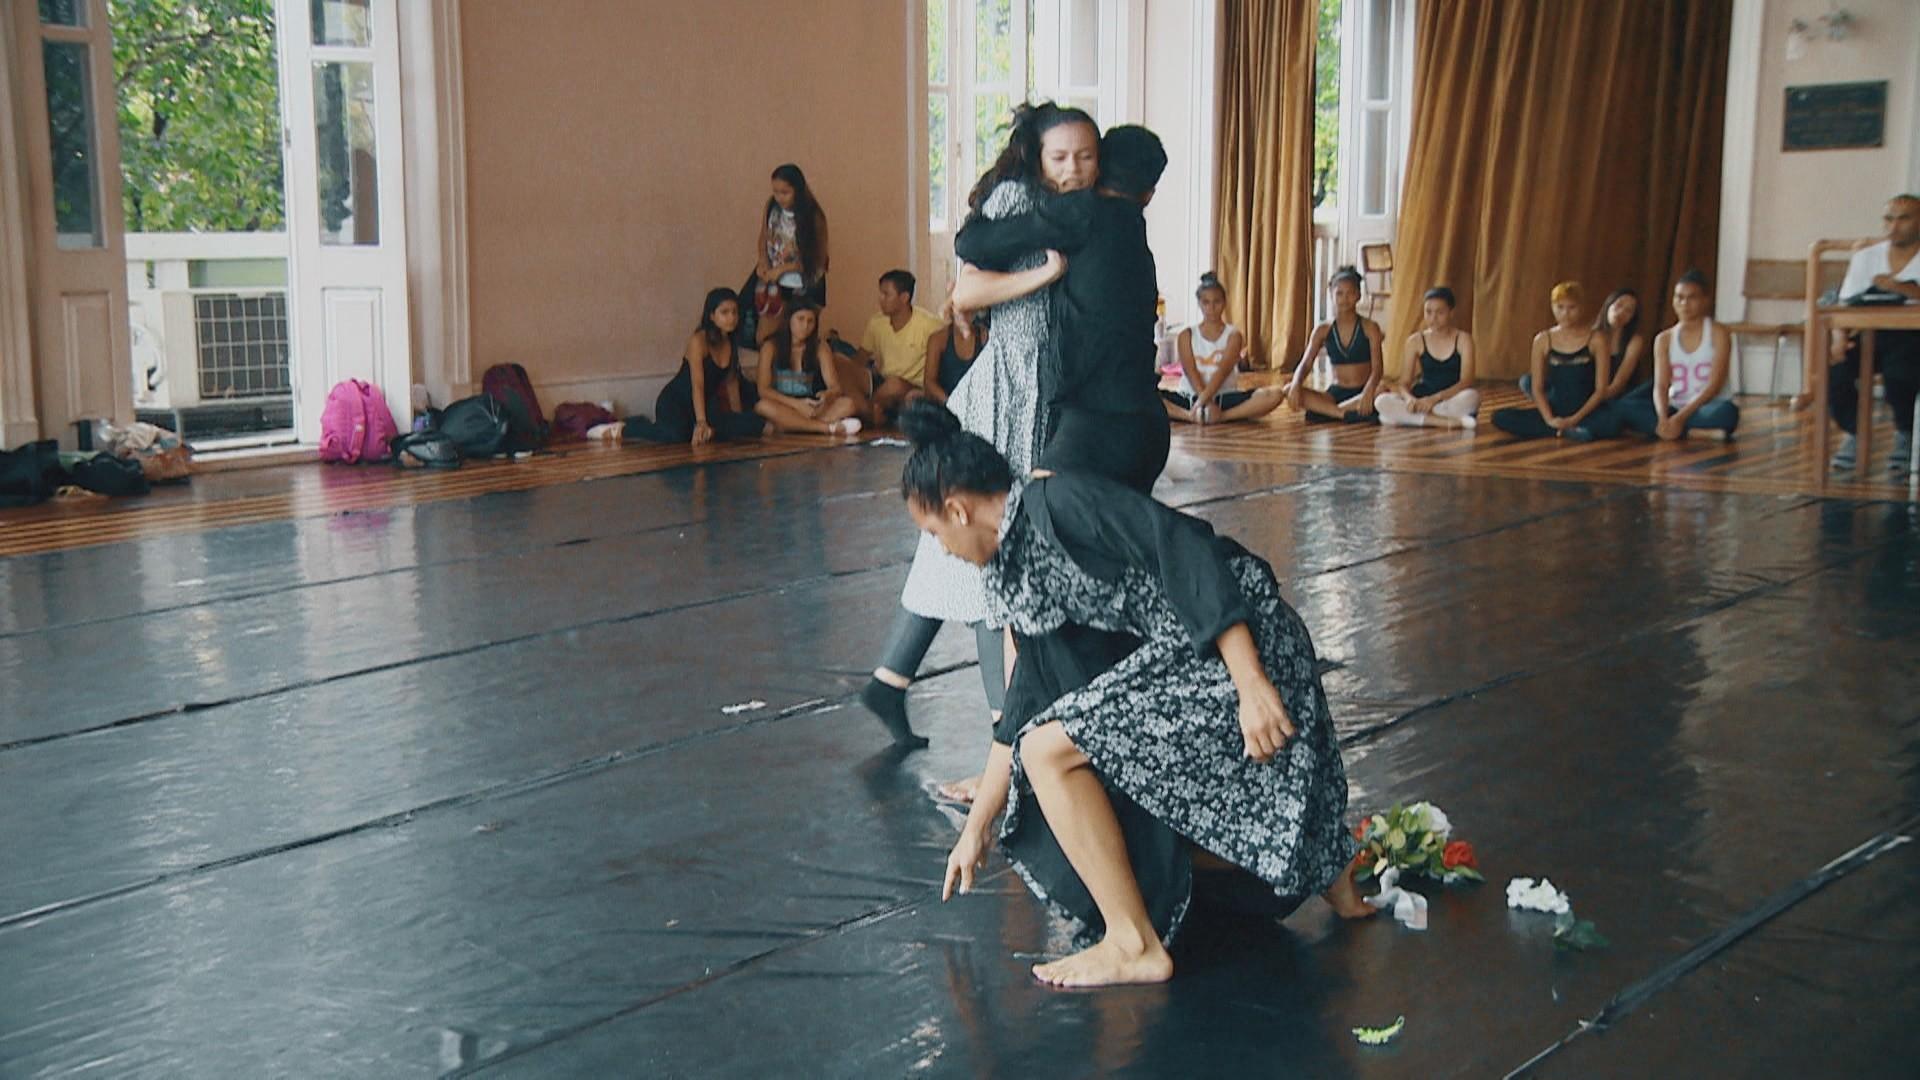 Ensaio do espetáculo 'Experimental em Movimento' que se apresenta no Teatro Amazonas (Foto: Amazonas TV)